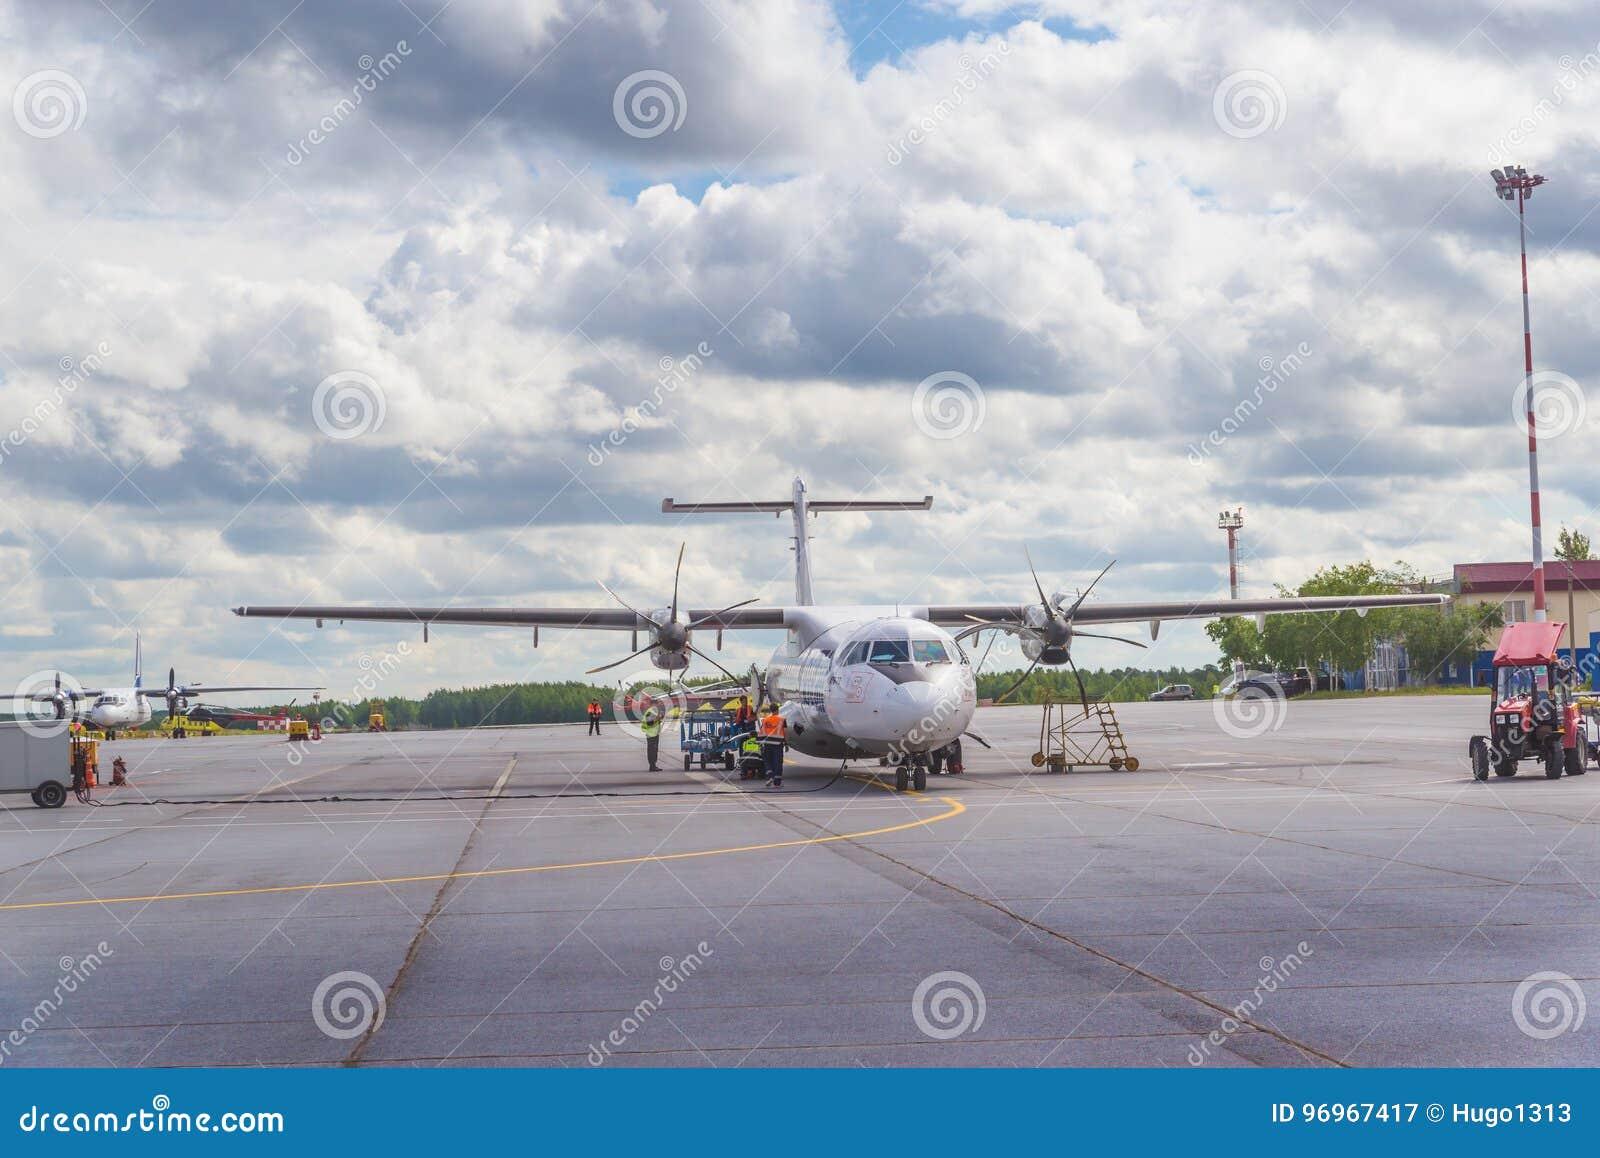 Surgut, Rusia - 27 de junio de 2017: Avión en la pista del aeropuerto de Surgut